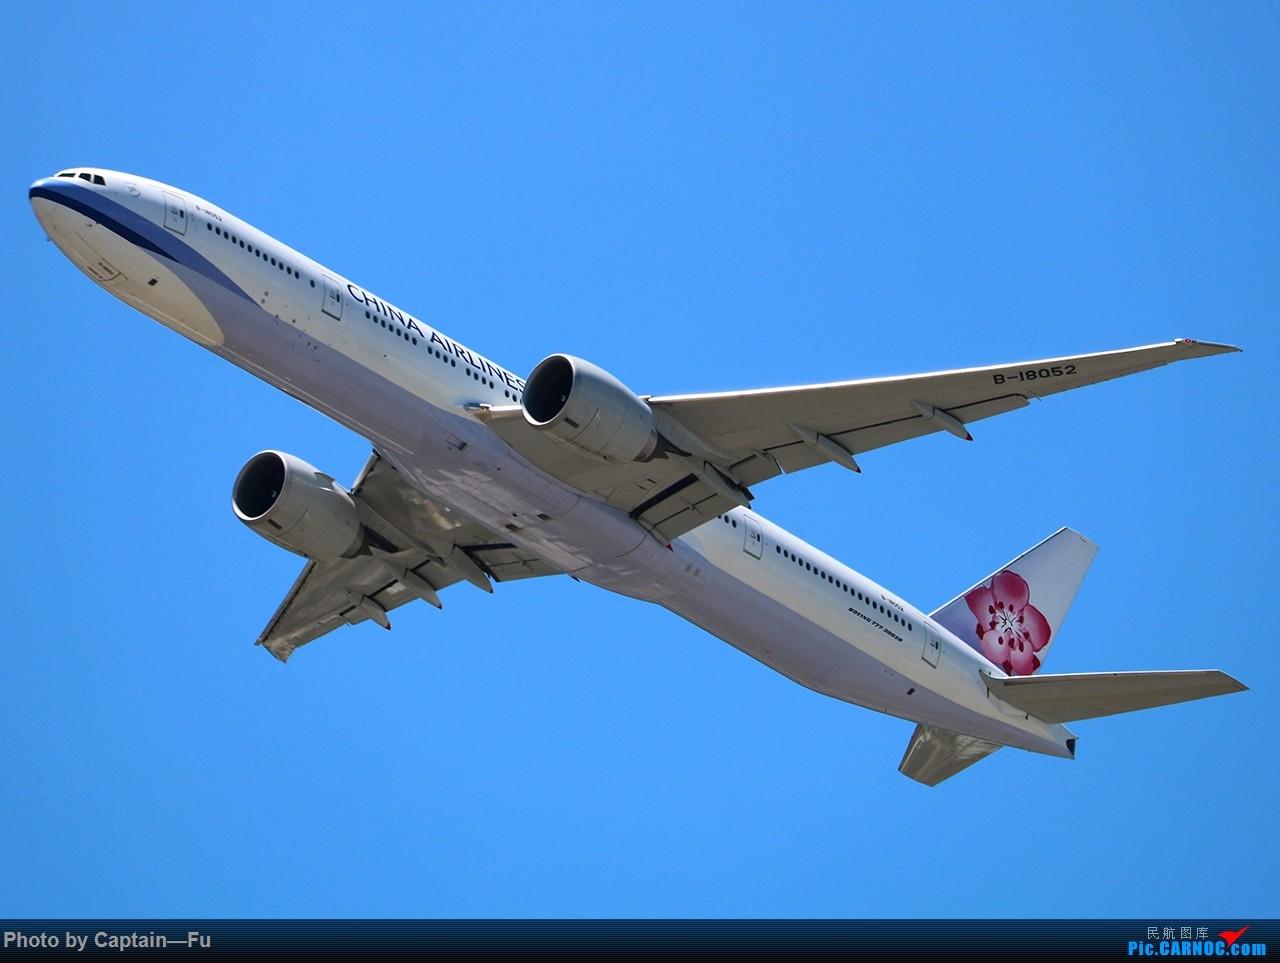 Re:[原创]香港拍机 BOEING 777-300ER B-18052 中国香港国际机场